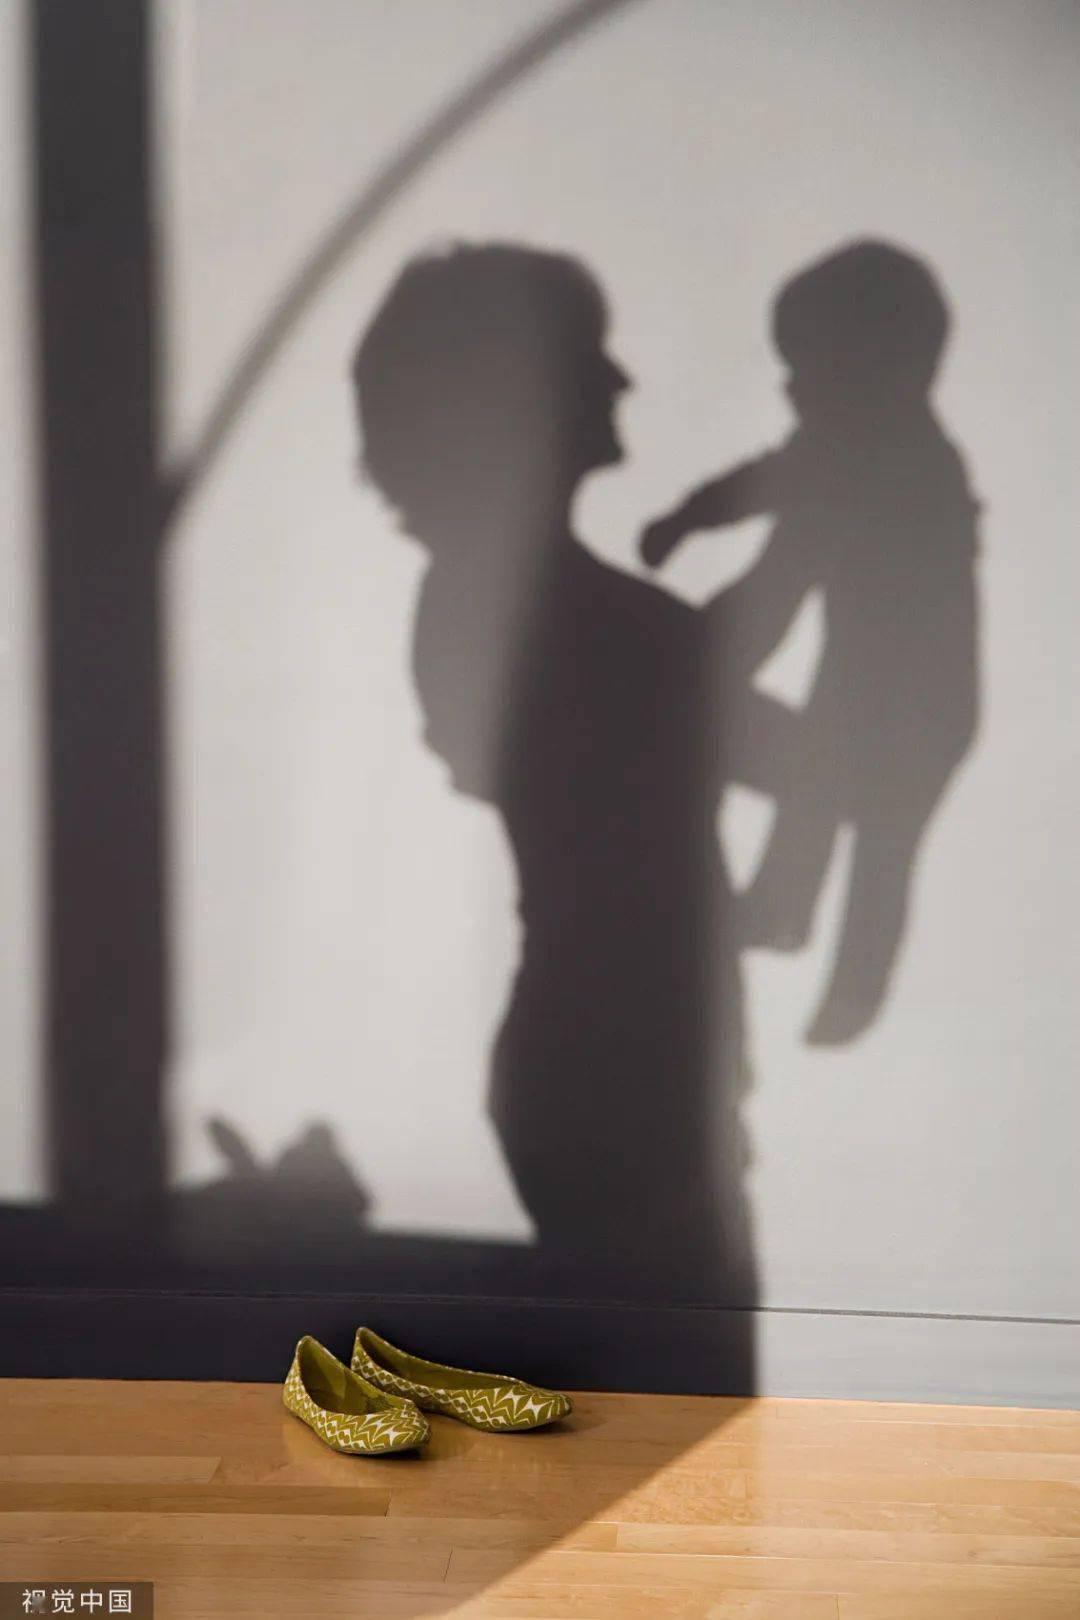 1岁女儿哭闹,妈妈竟将其捂死!倒插进水桶制造溺水假象